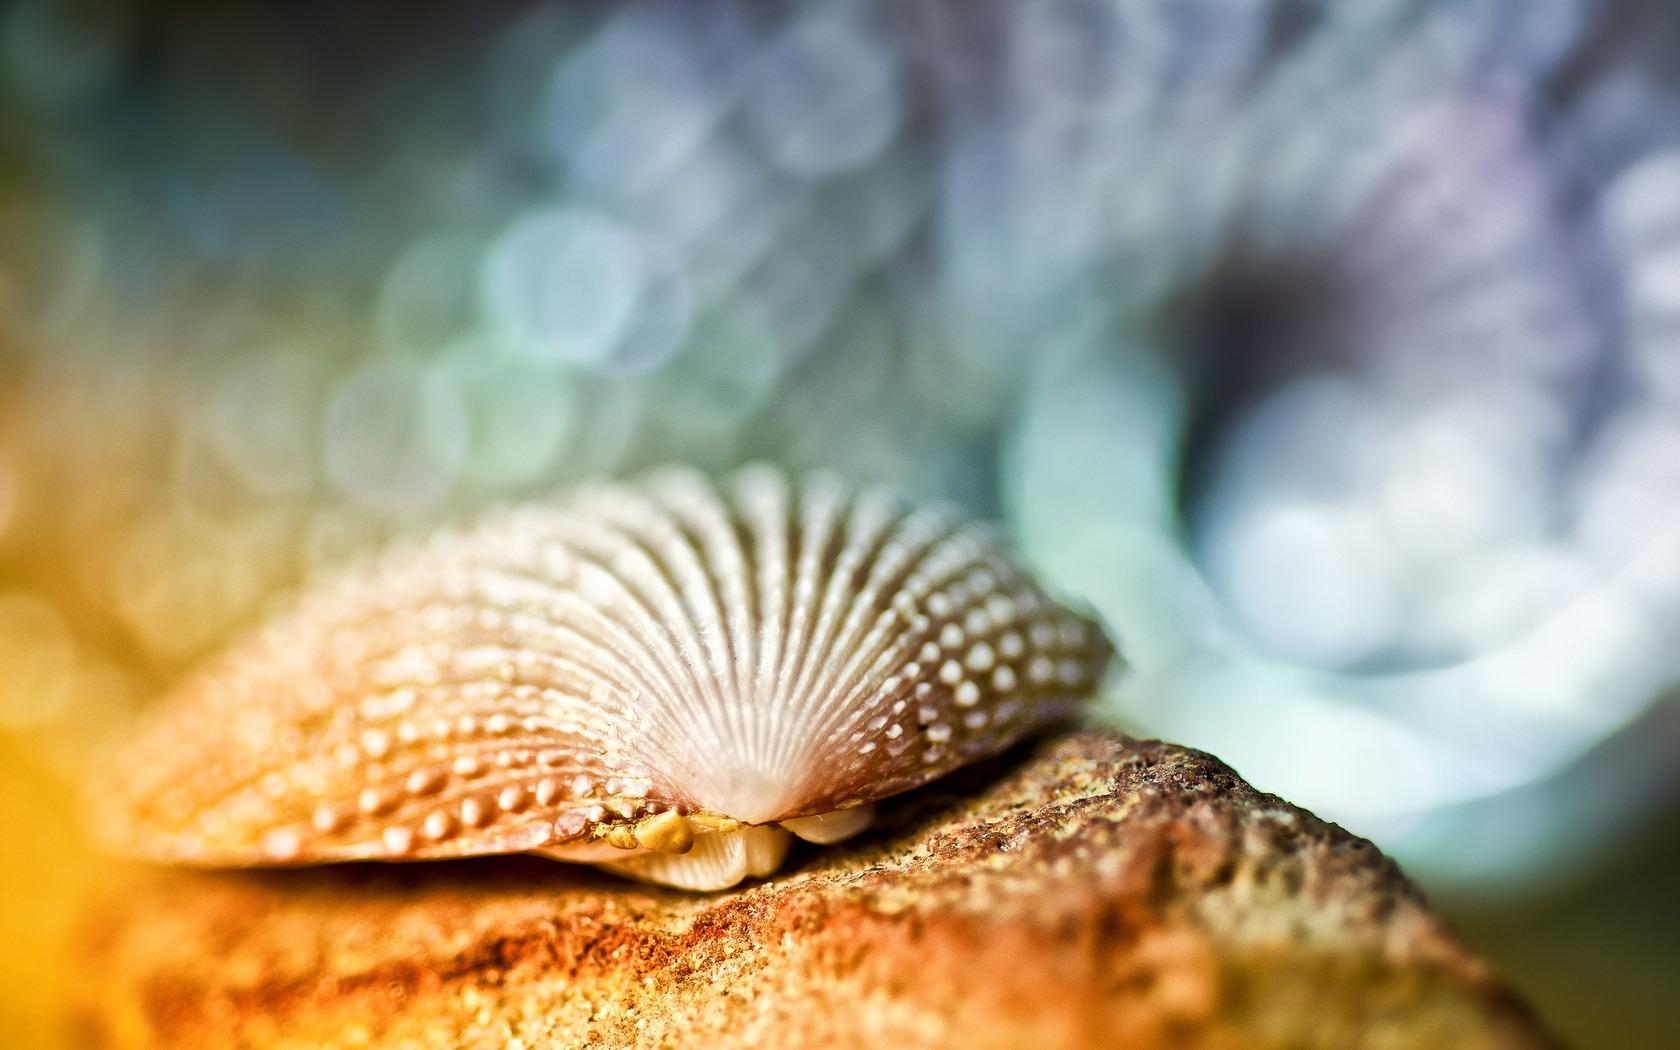 貝殻 動物の写真の壁紙プレビュー 10wallpaper Com